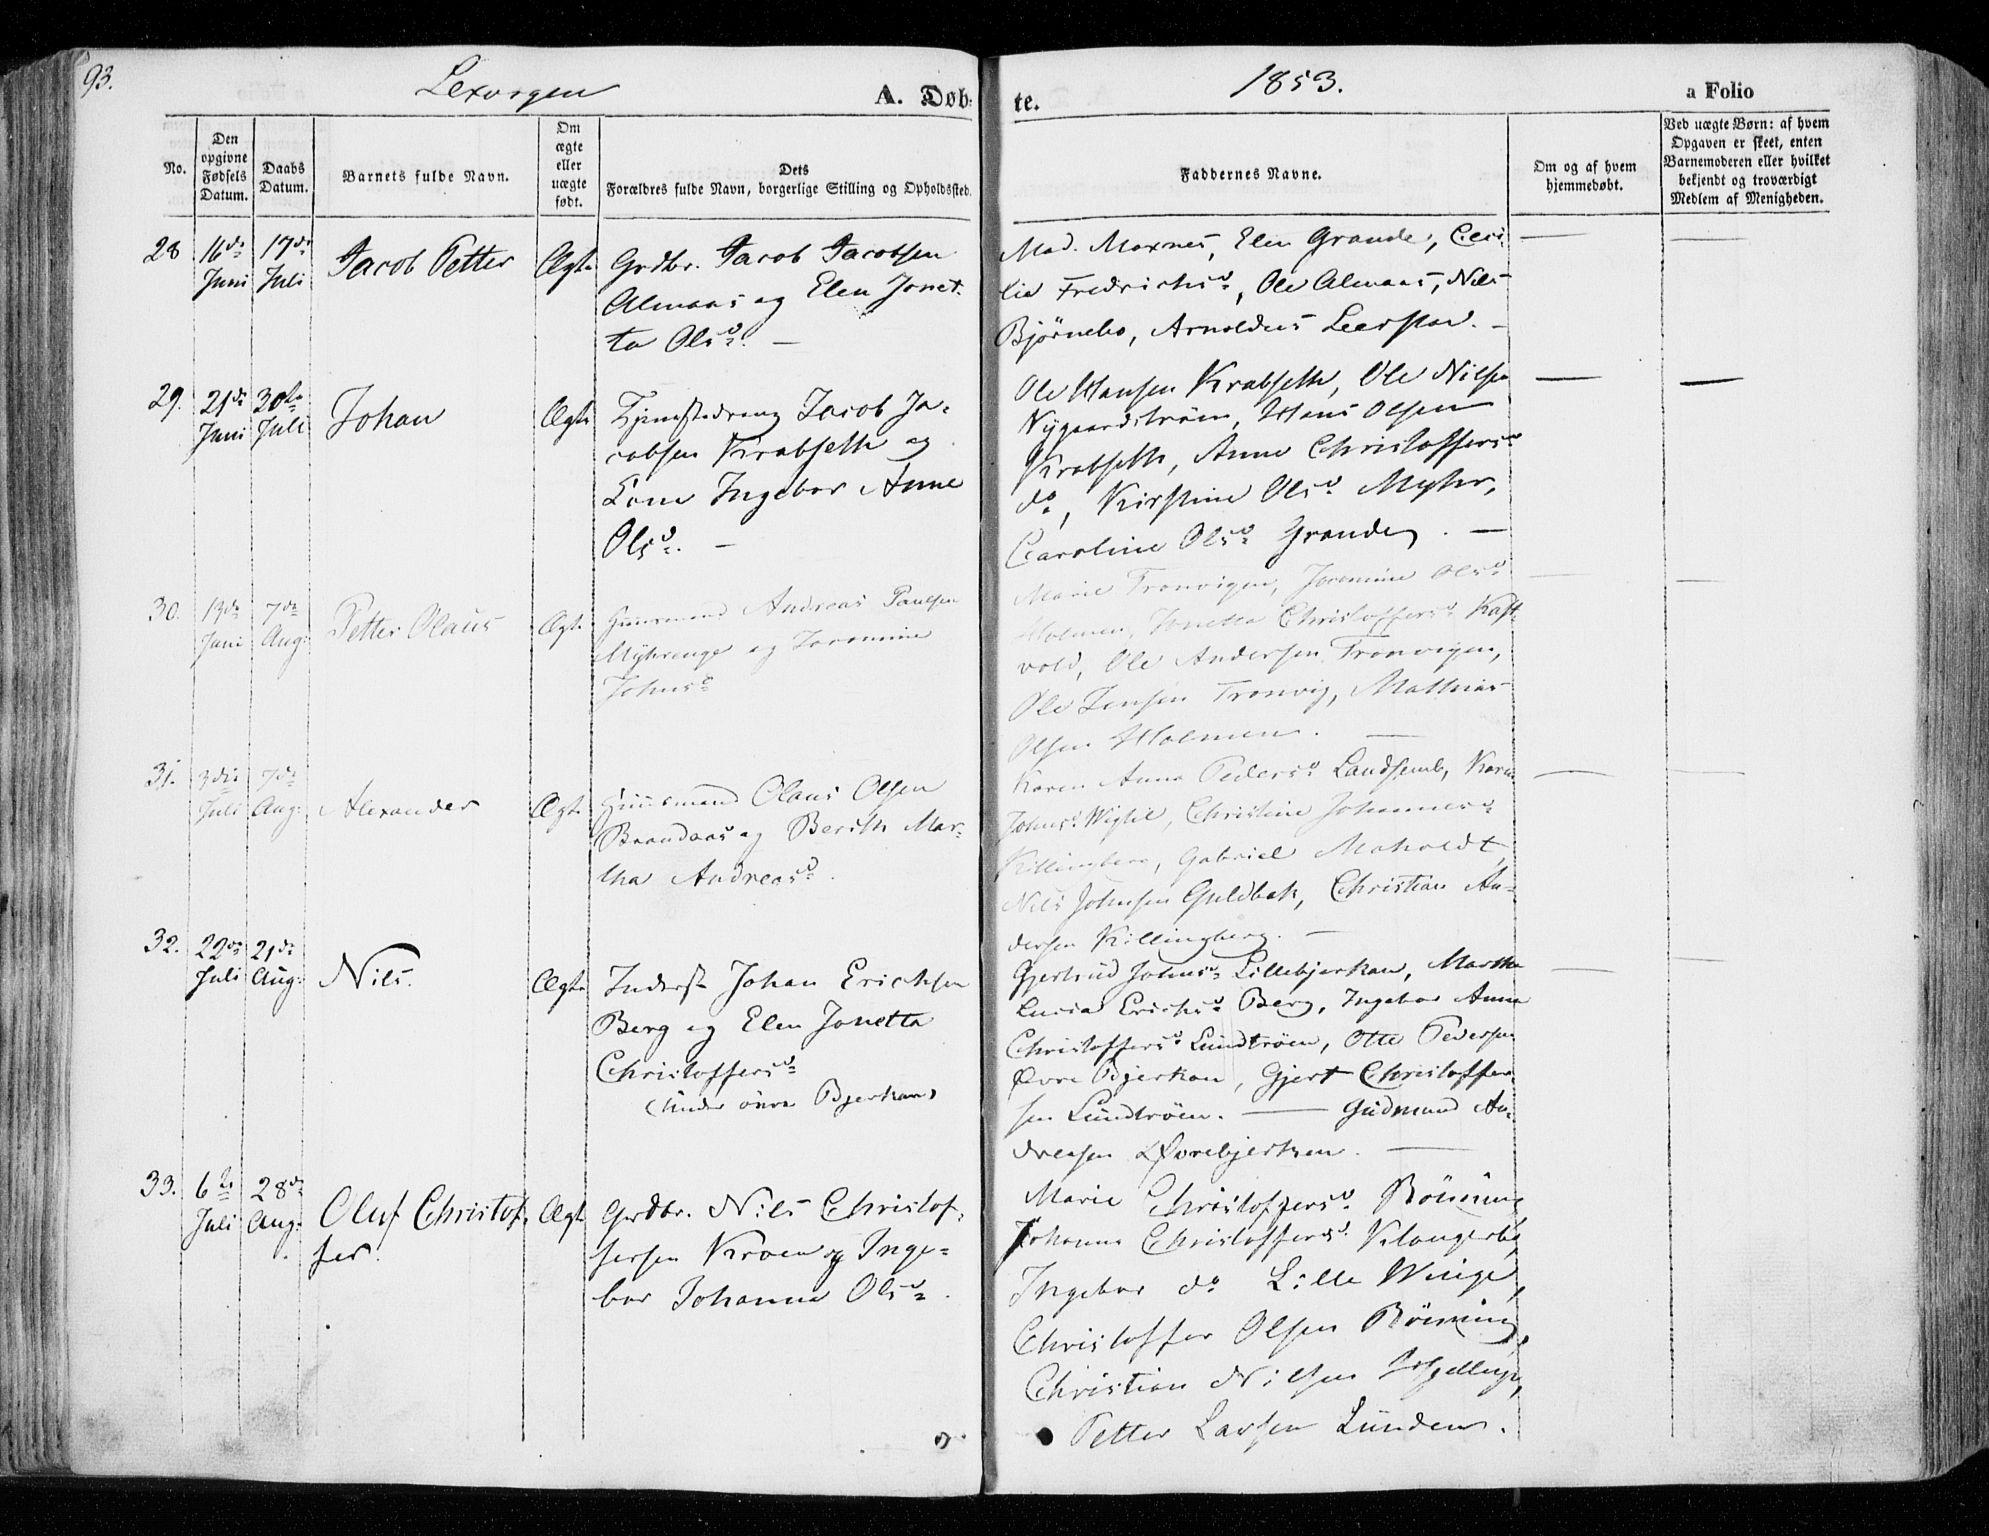 SAT, Ministerialprotokoller, klokkerbøker og fødselsregistre - Nord-Trøndelag, 701/L0007: Ministerialbok nr. 701A07 /1, 1842-1854, s. 93